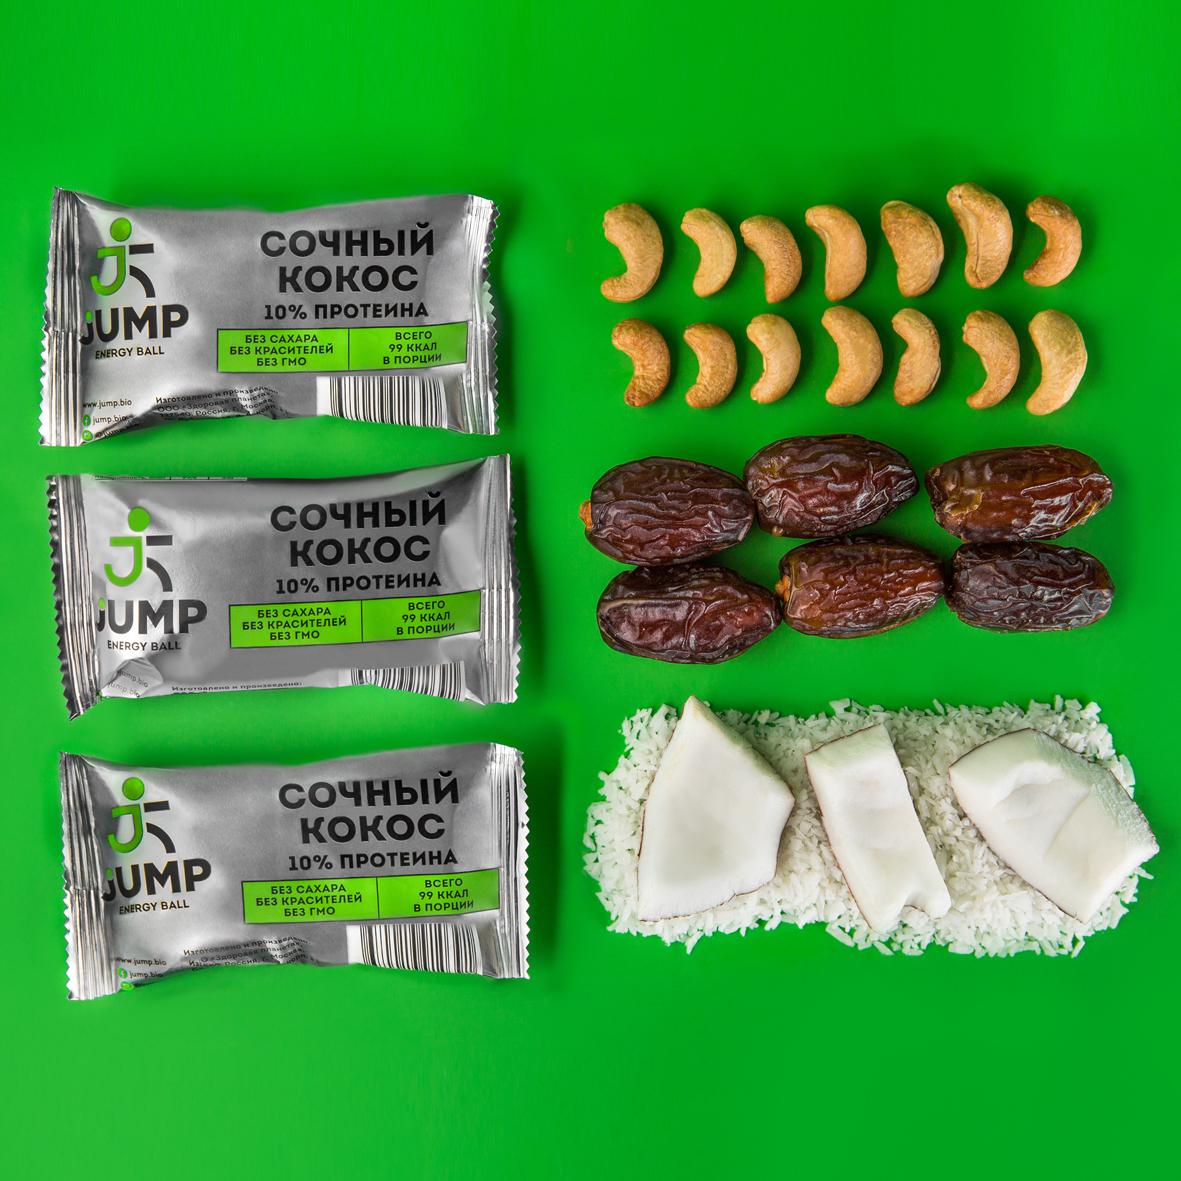 Полезная конфета без сахара СОЧНЫЙ КОКОС JUMP BALL 30 г